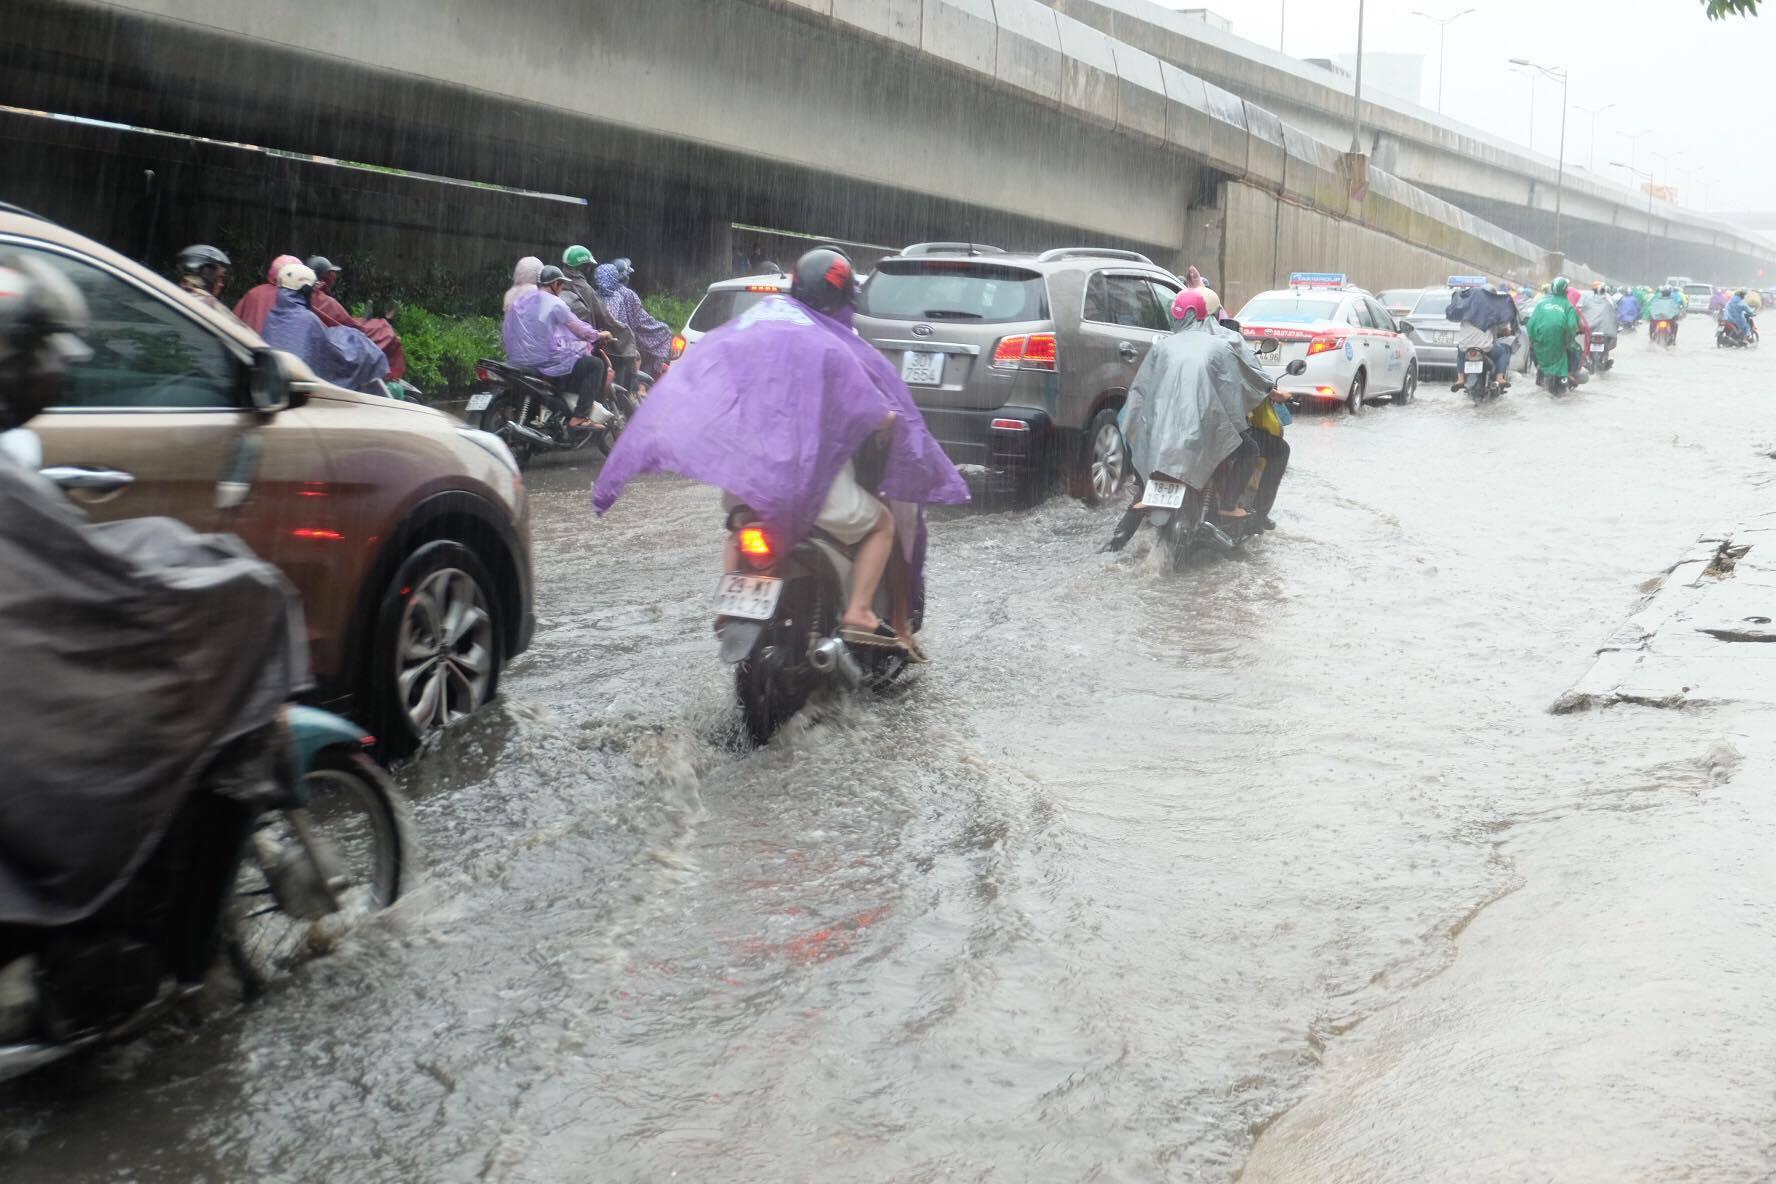 Người dân từ các tỉnh đổ về Thủ đô chật vật di chuyển trong mưa lớn sau kì nghỉ lễ kéo dài - Ảnh 11.